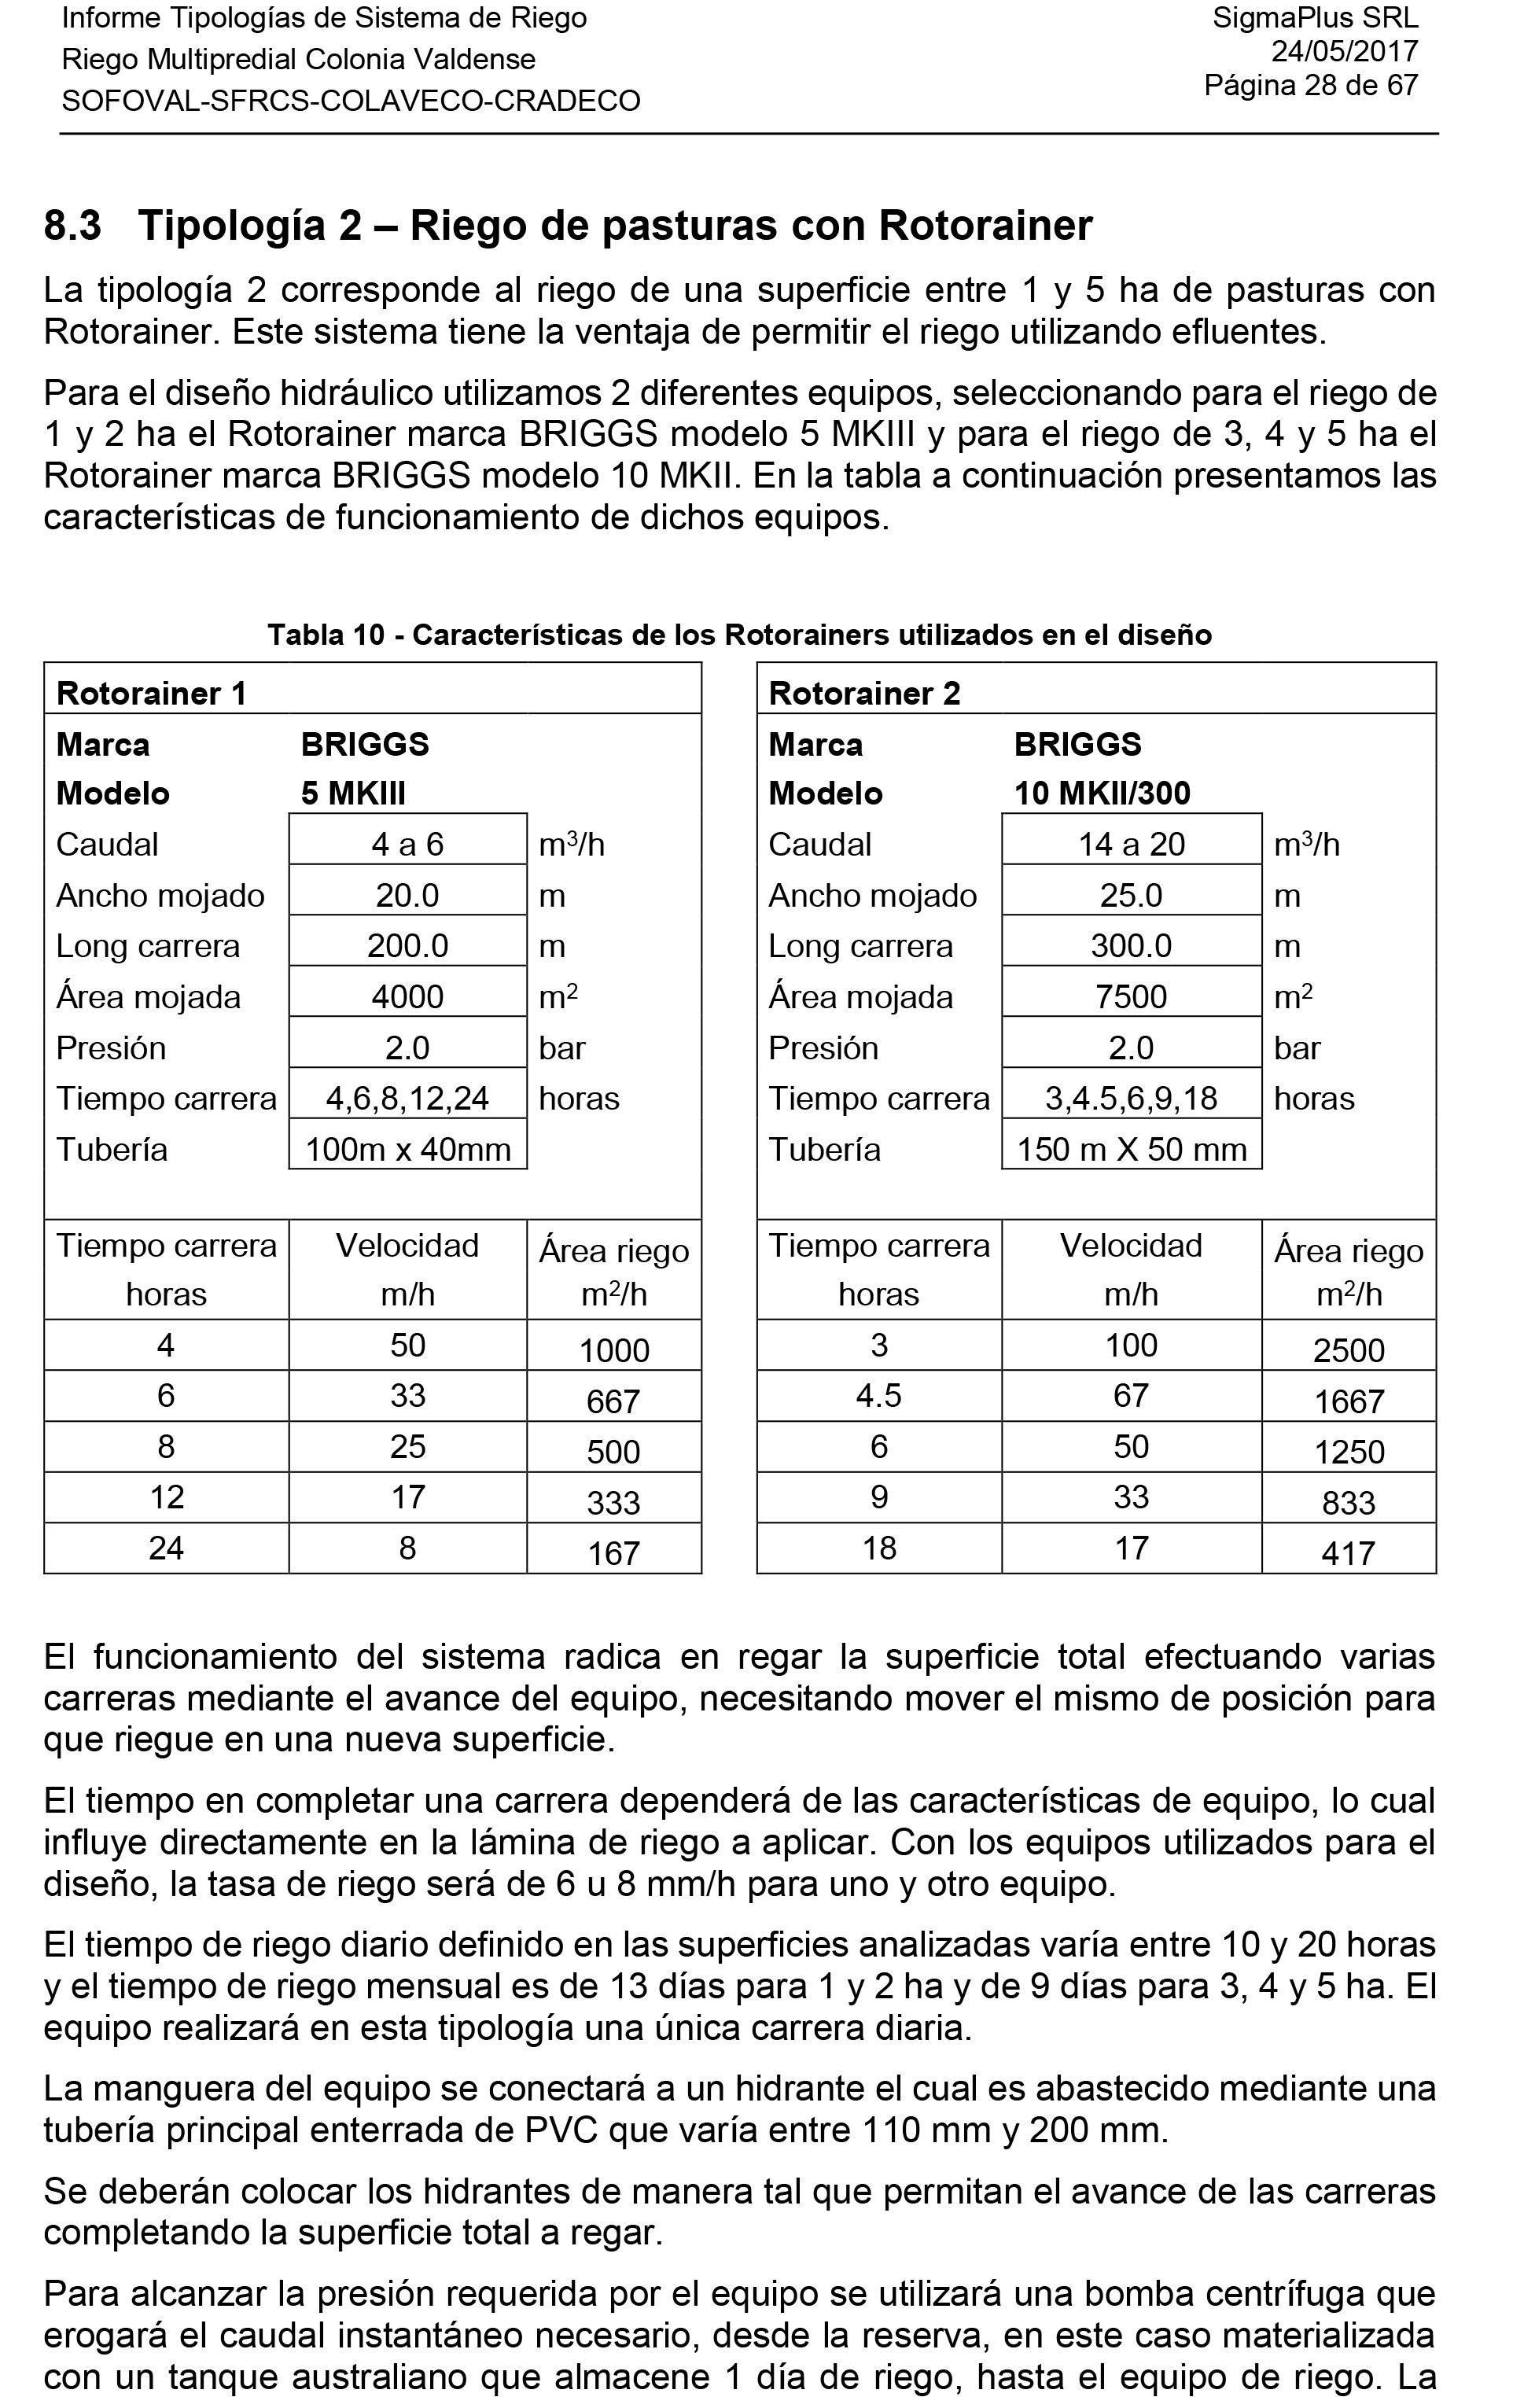 Tipologías de Riego-28